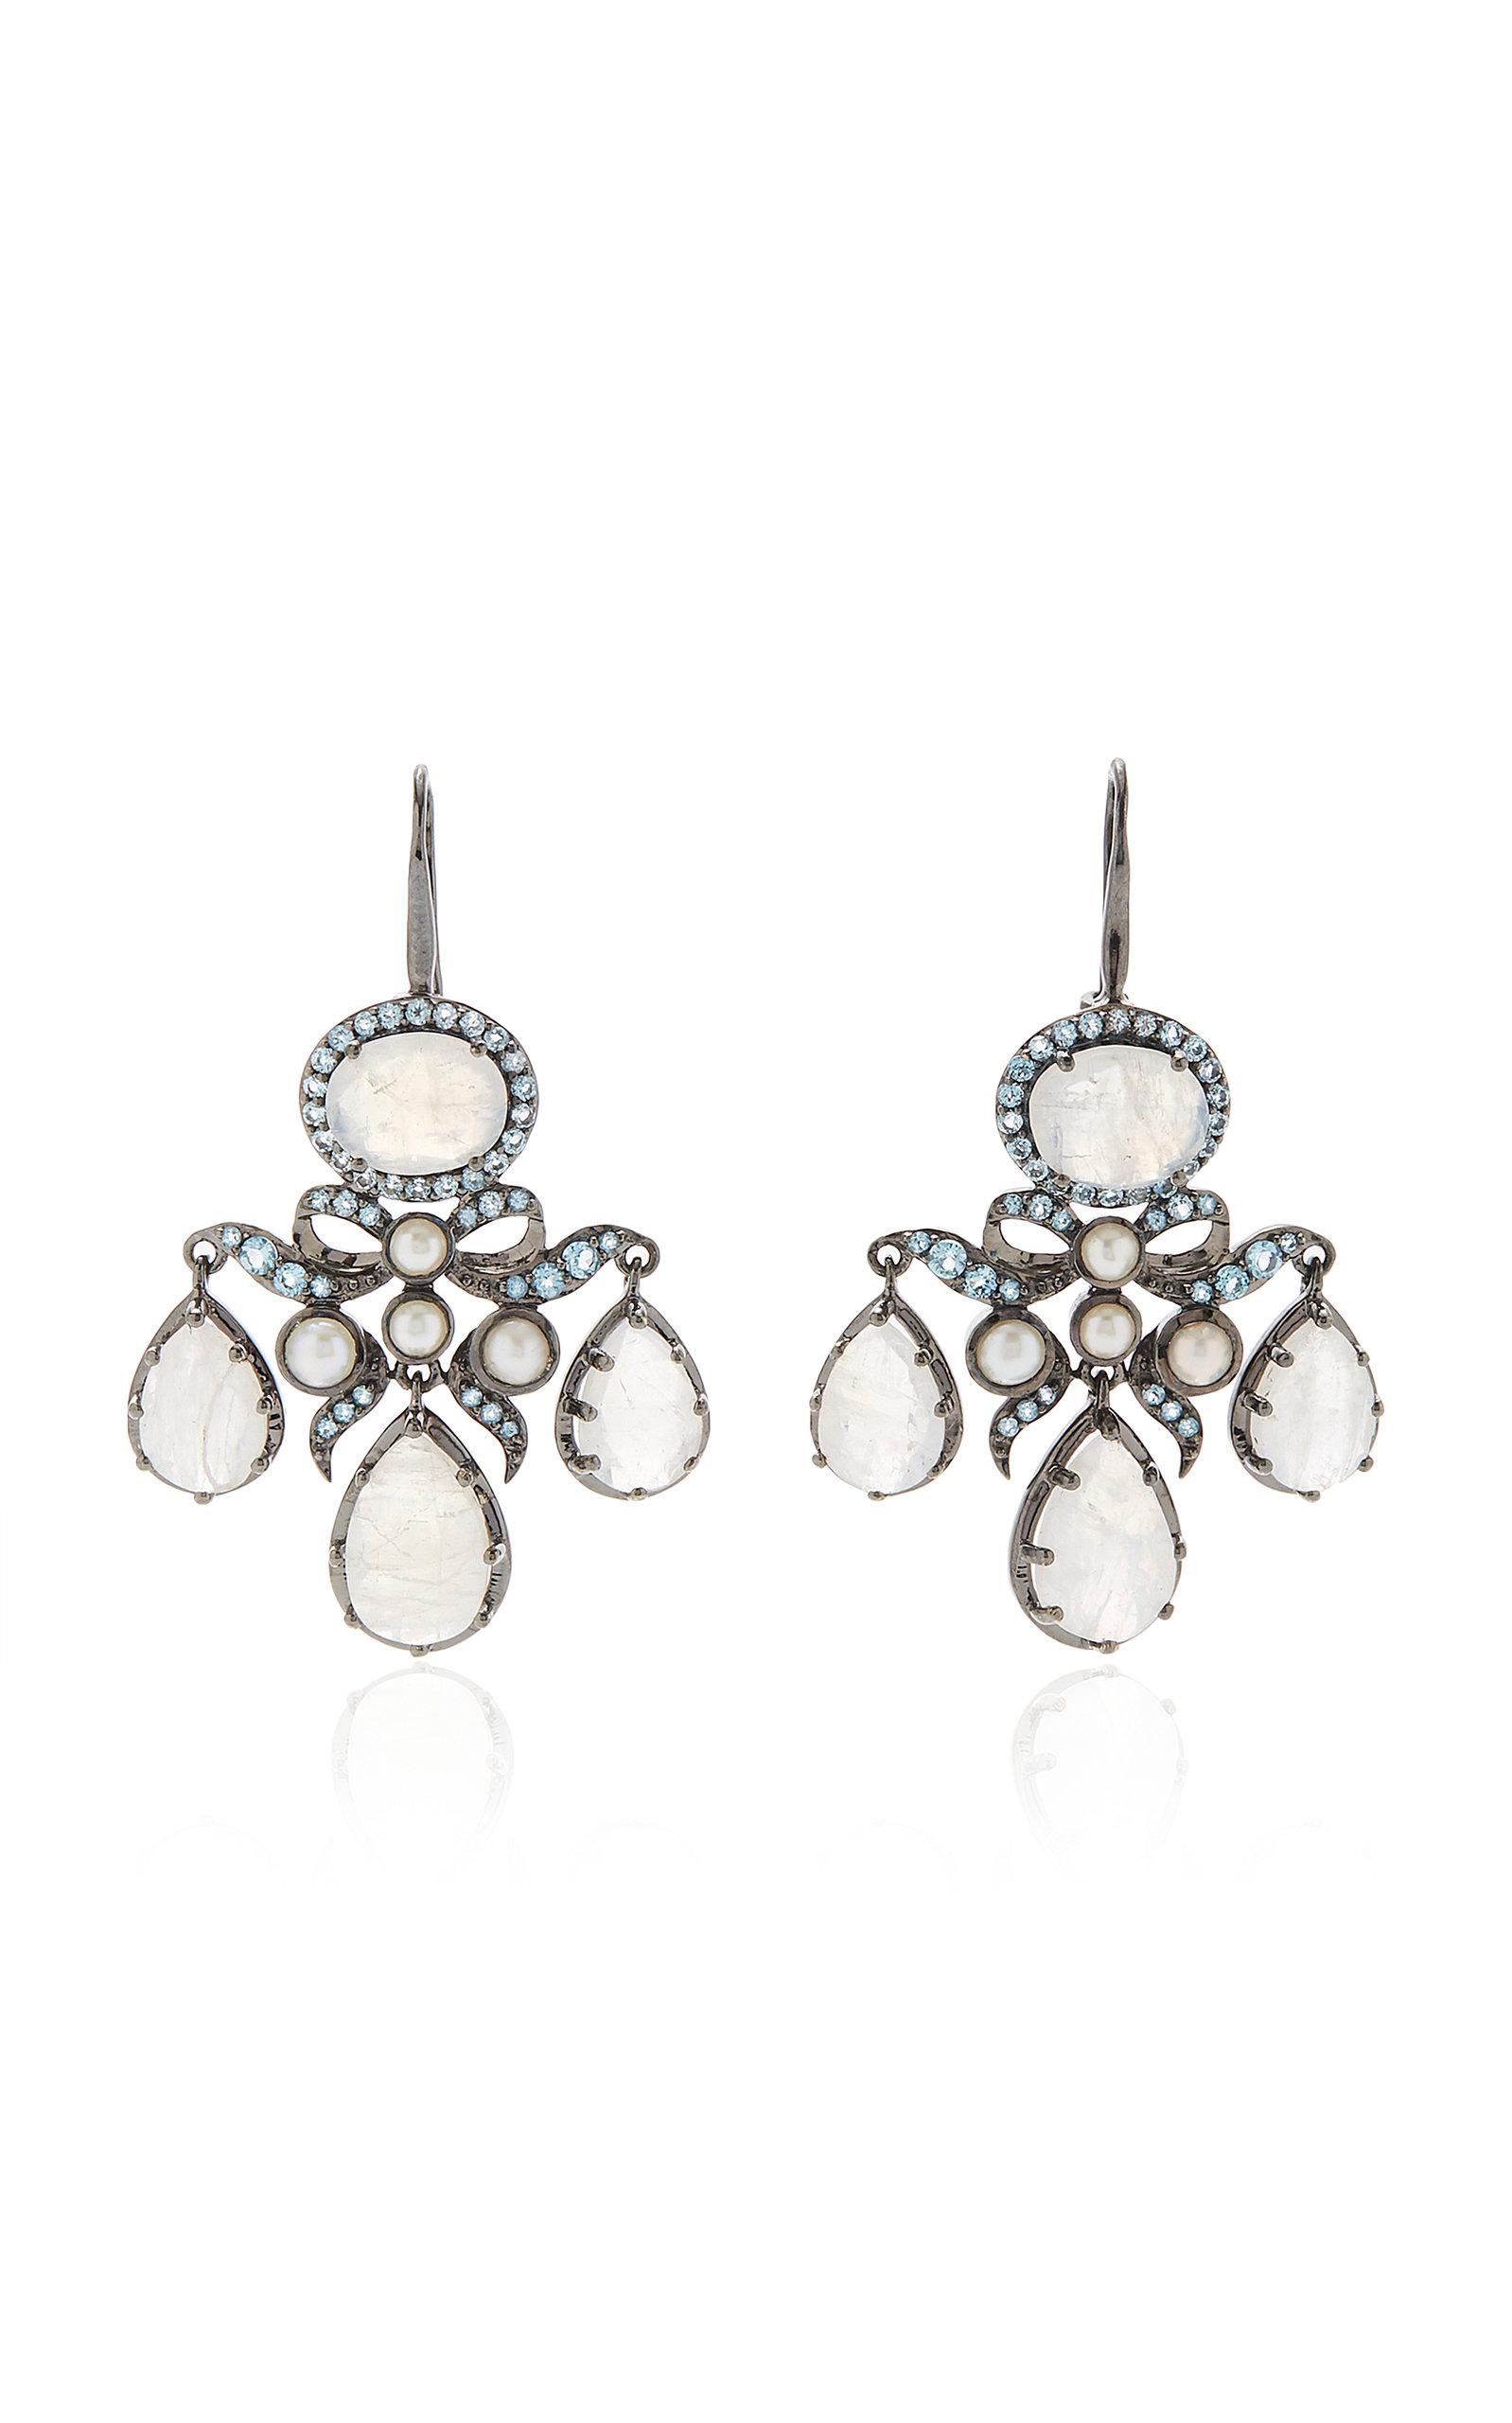 Women's Medora Girandole 14K White Gold And Multi-Stone Earrings